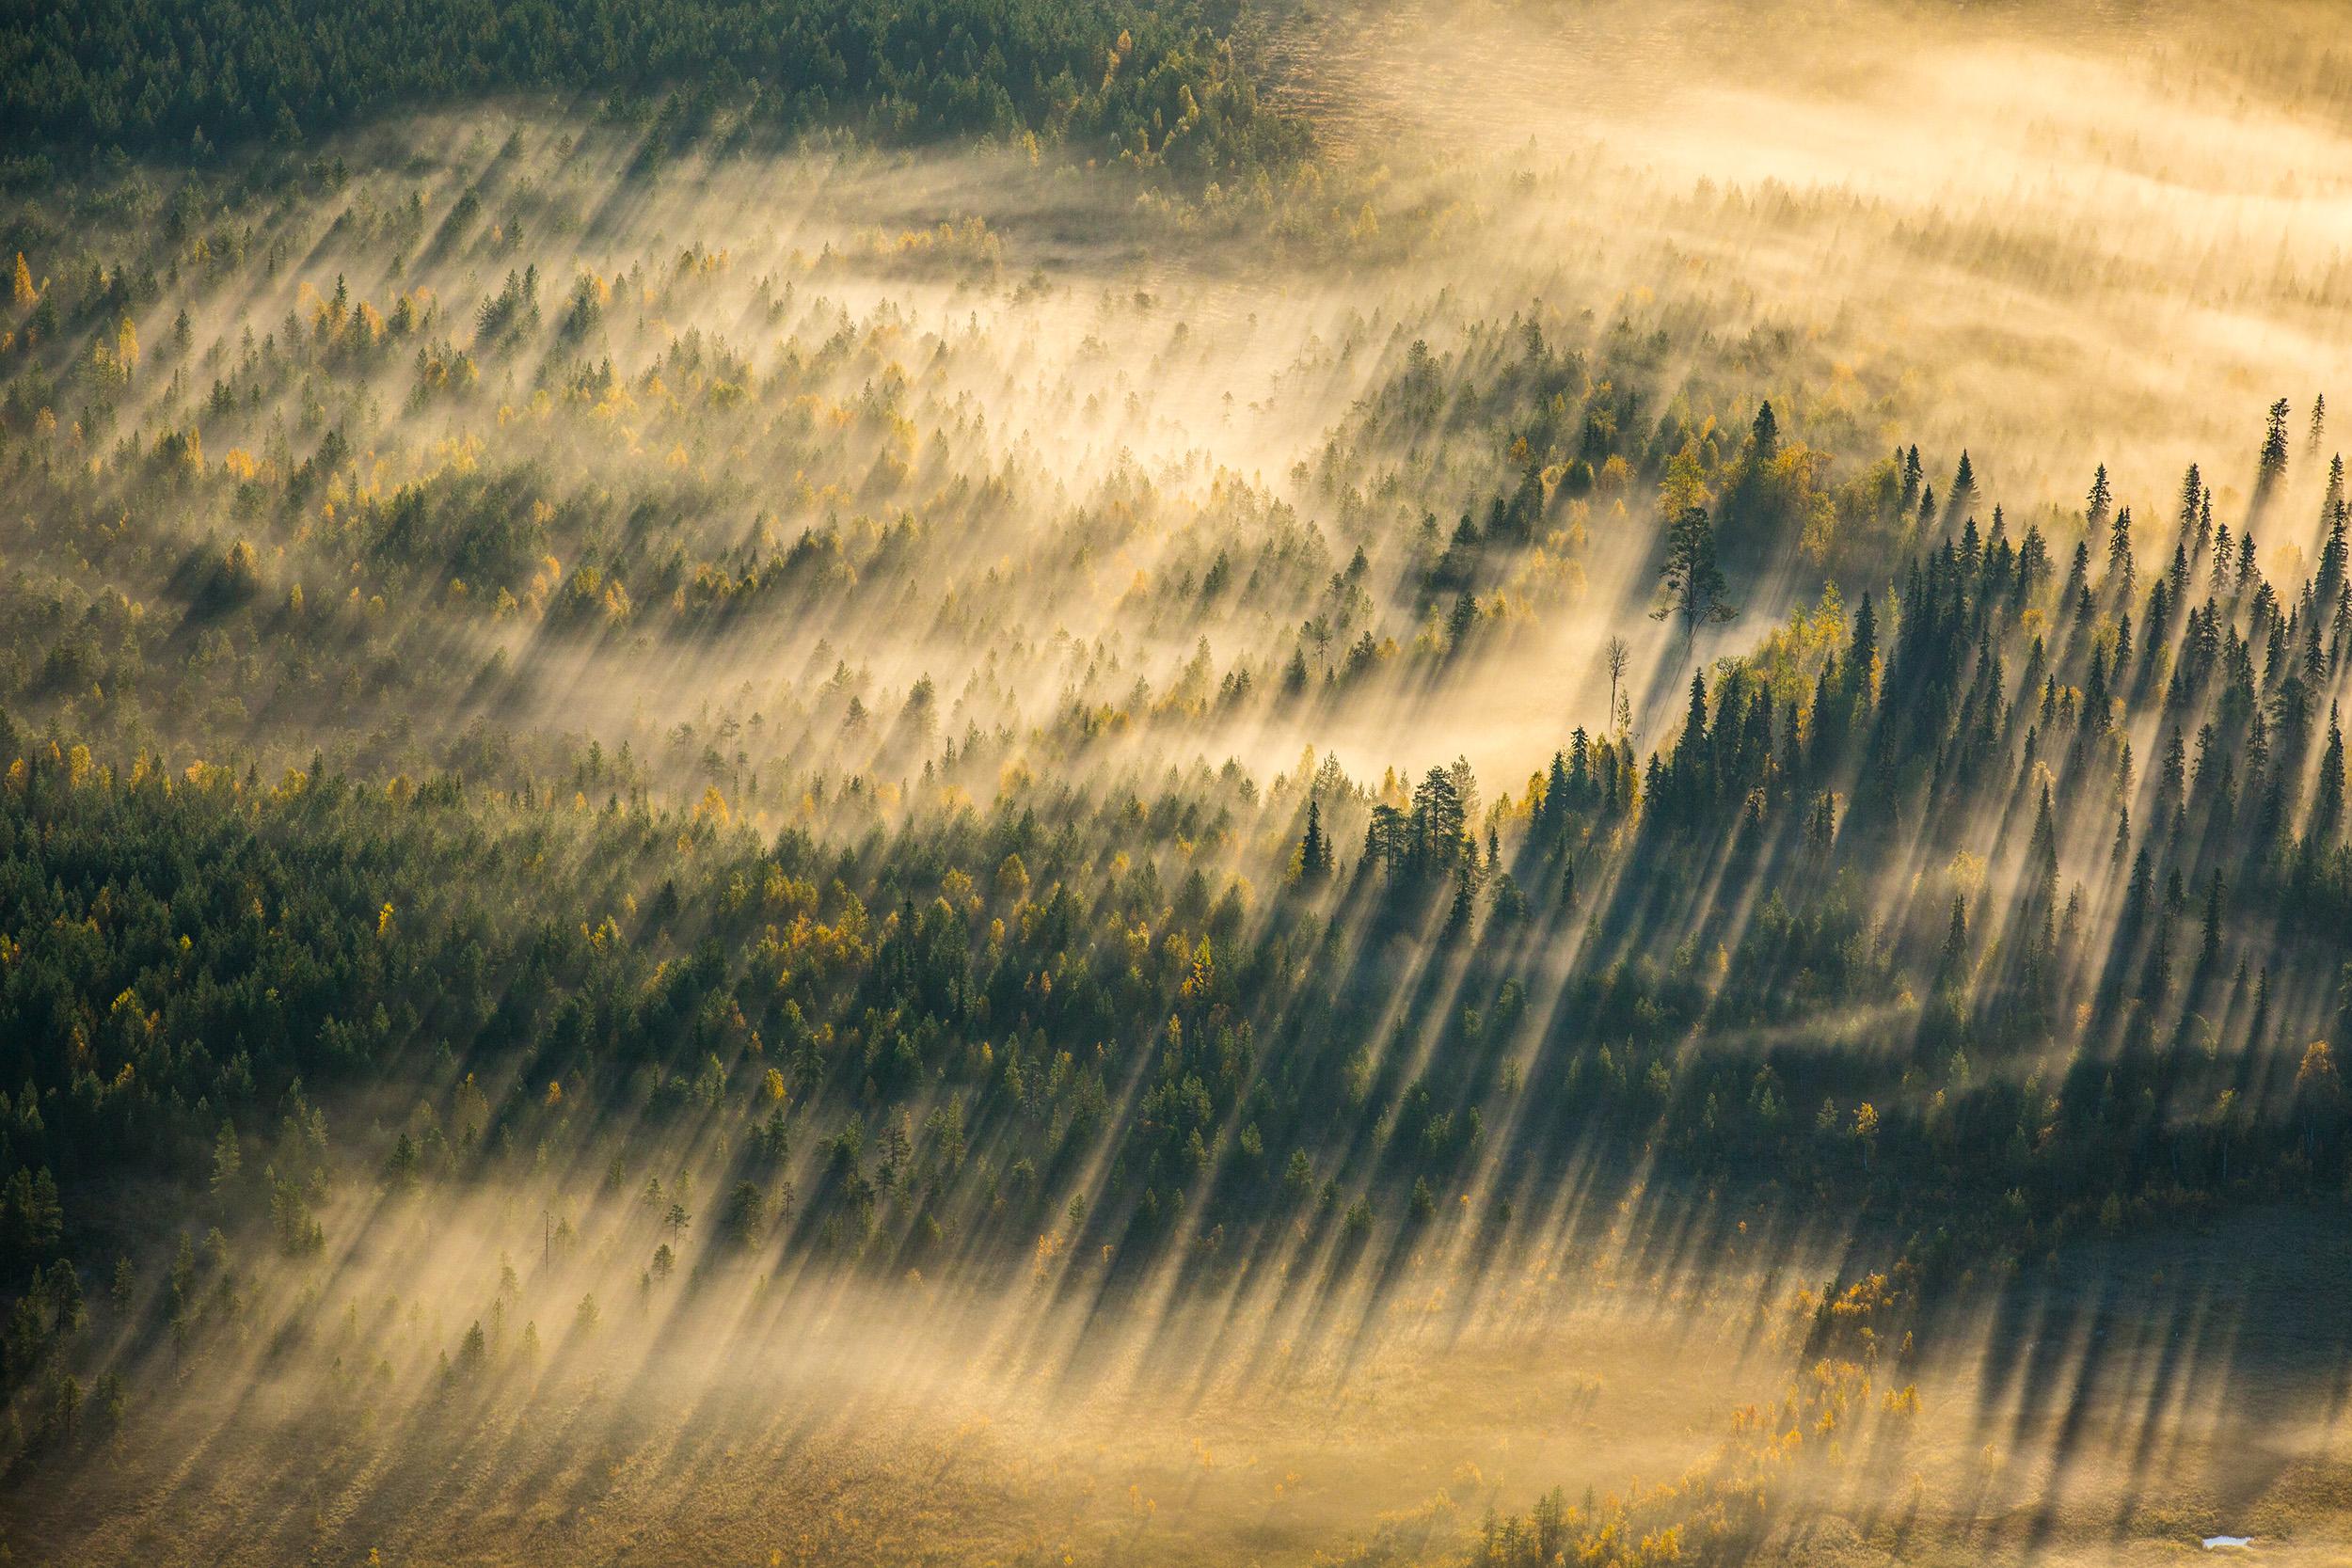 05_boreal_skov_finland_02.jpg